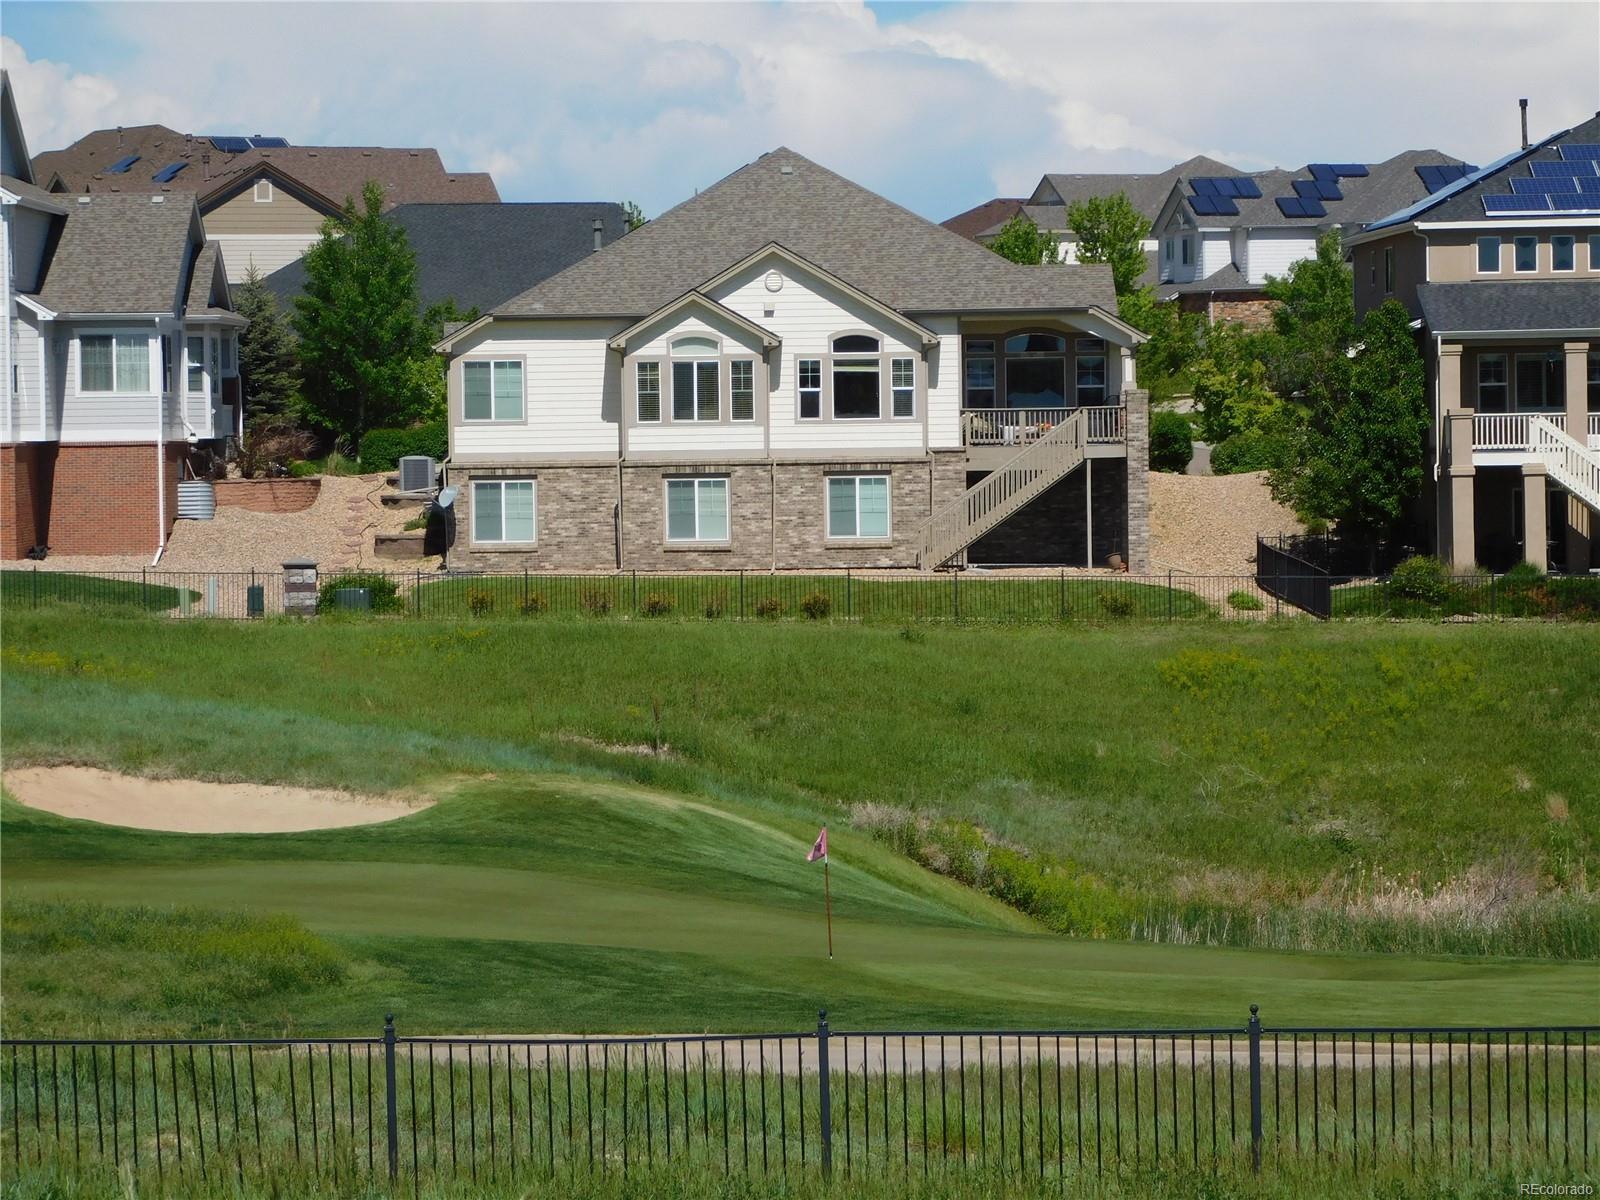 27239 E Nova Circle, Aurora, CO 80016 - Aurora, CO real estate listing